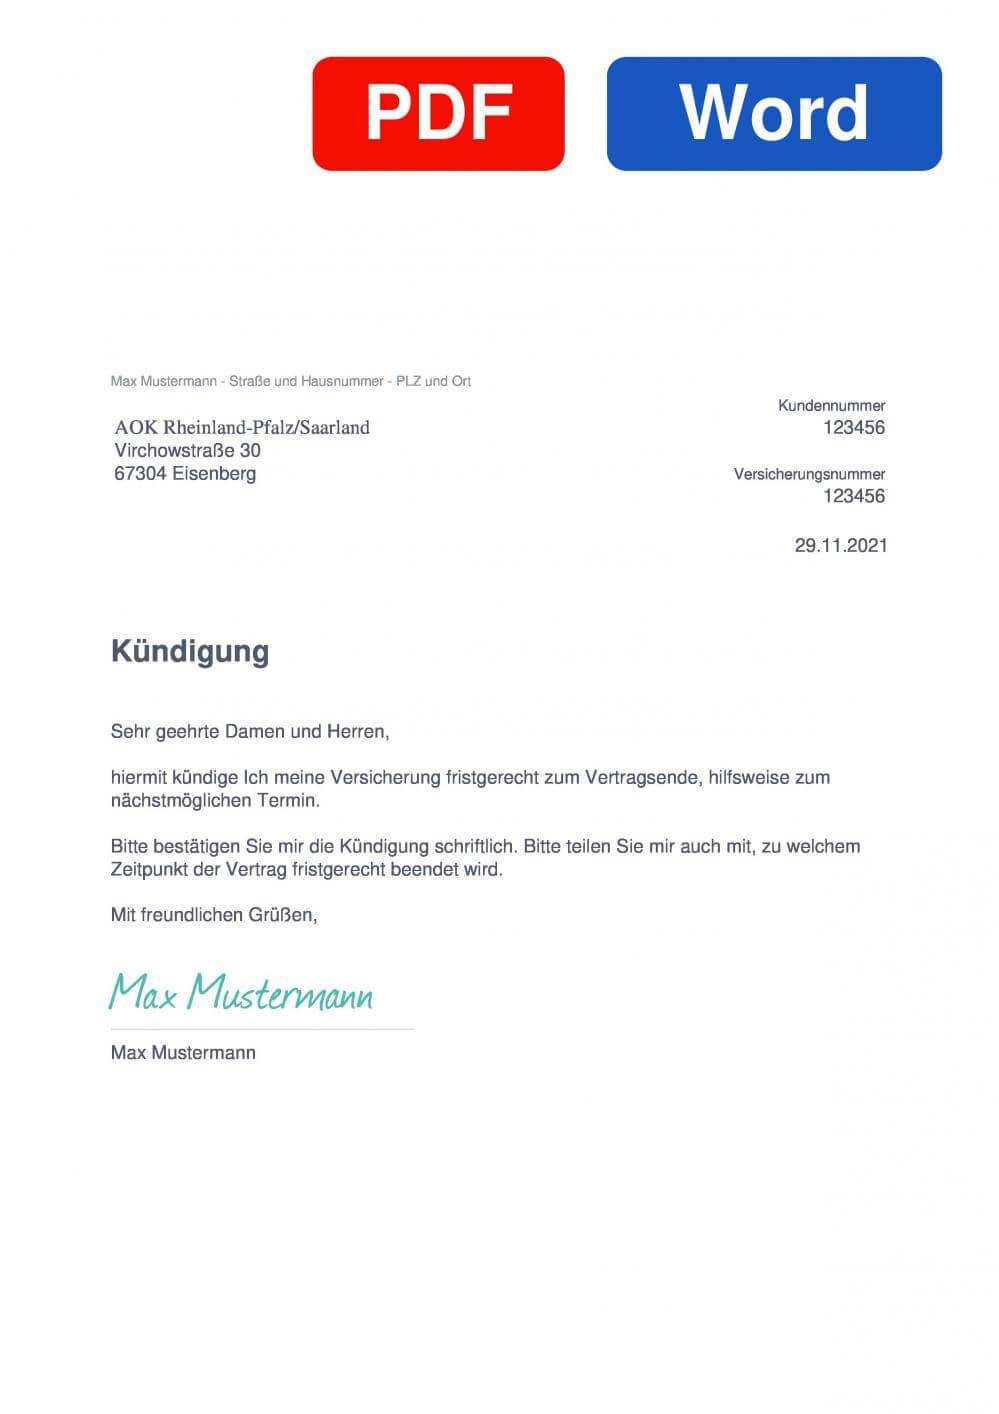 AOK Rheinland-Pfalz/Saarland Muster Vorlage für Kündigungsschreiben